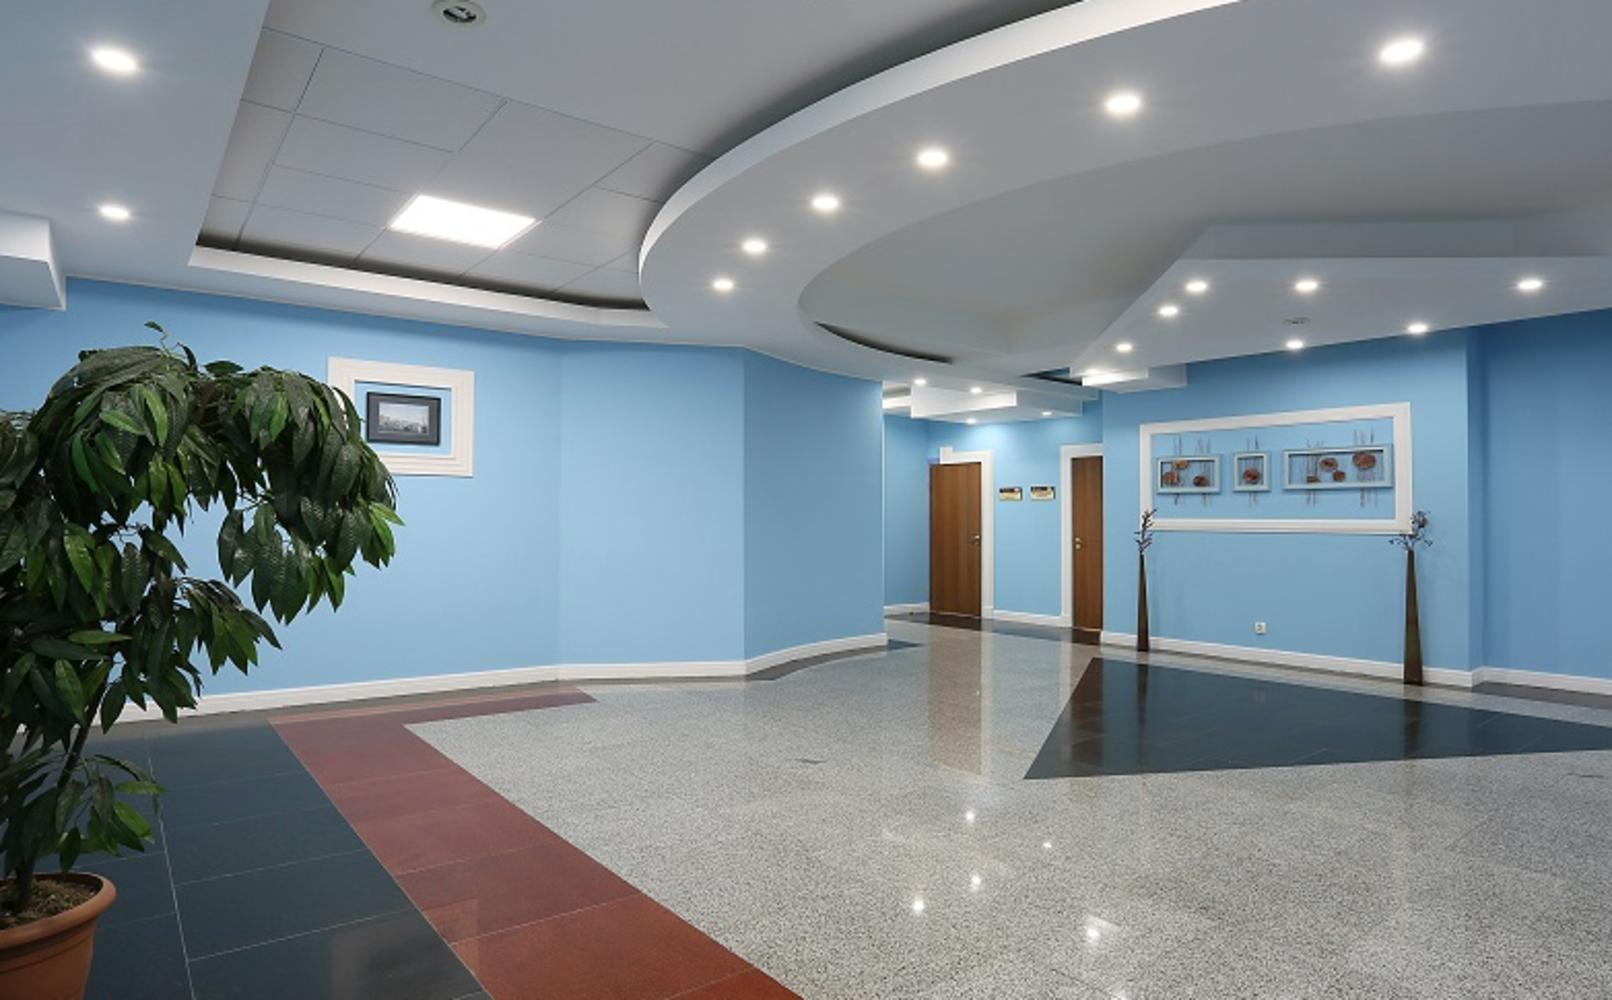 Офисная недвижимость Санкт-петербург,  - Сенатор (Большой пр. В.О., 80, Литеры А,Б) I - 3